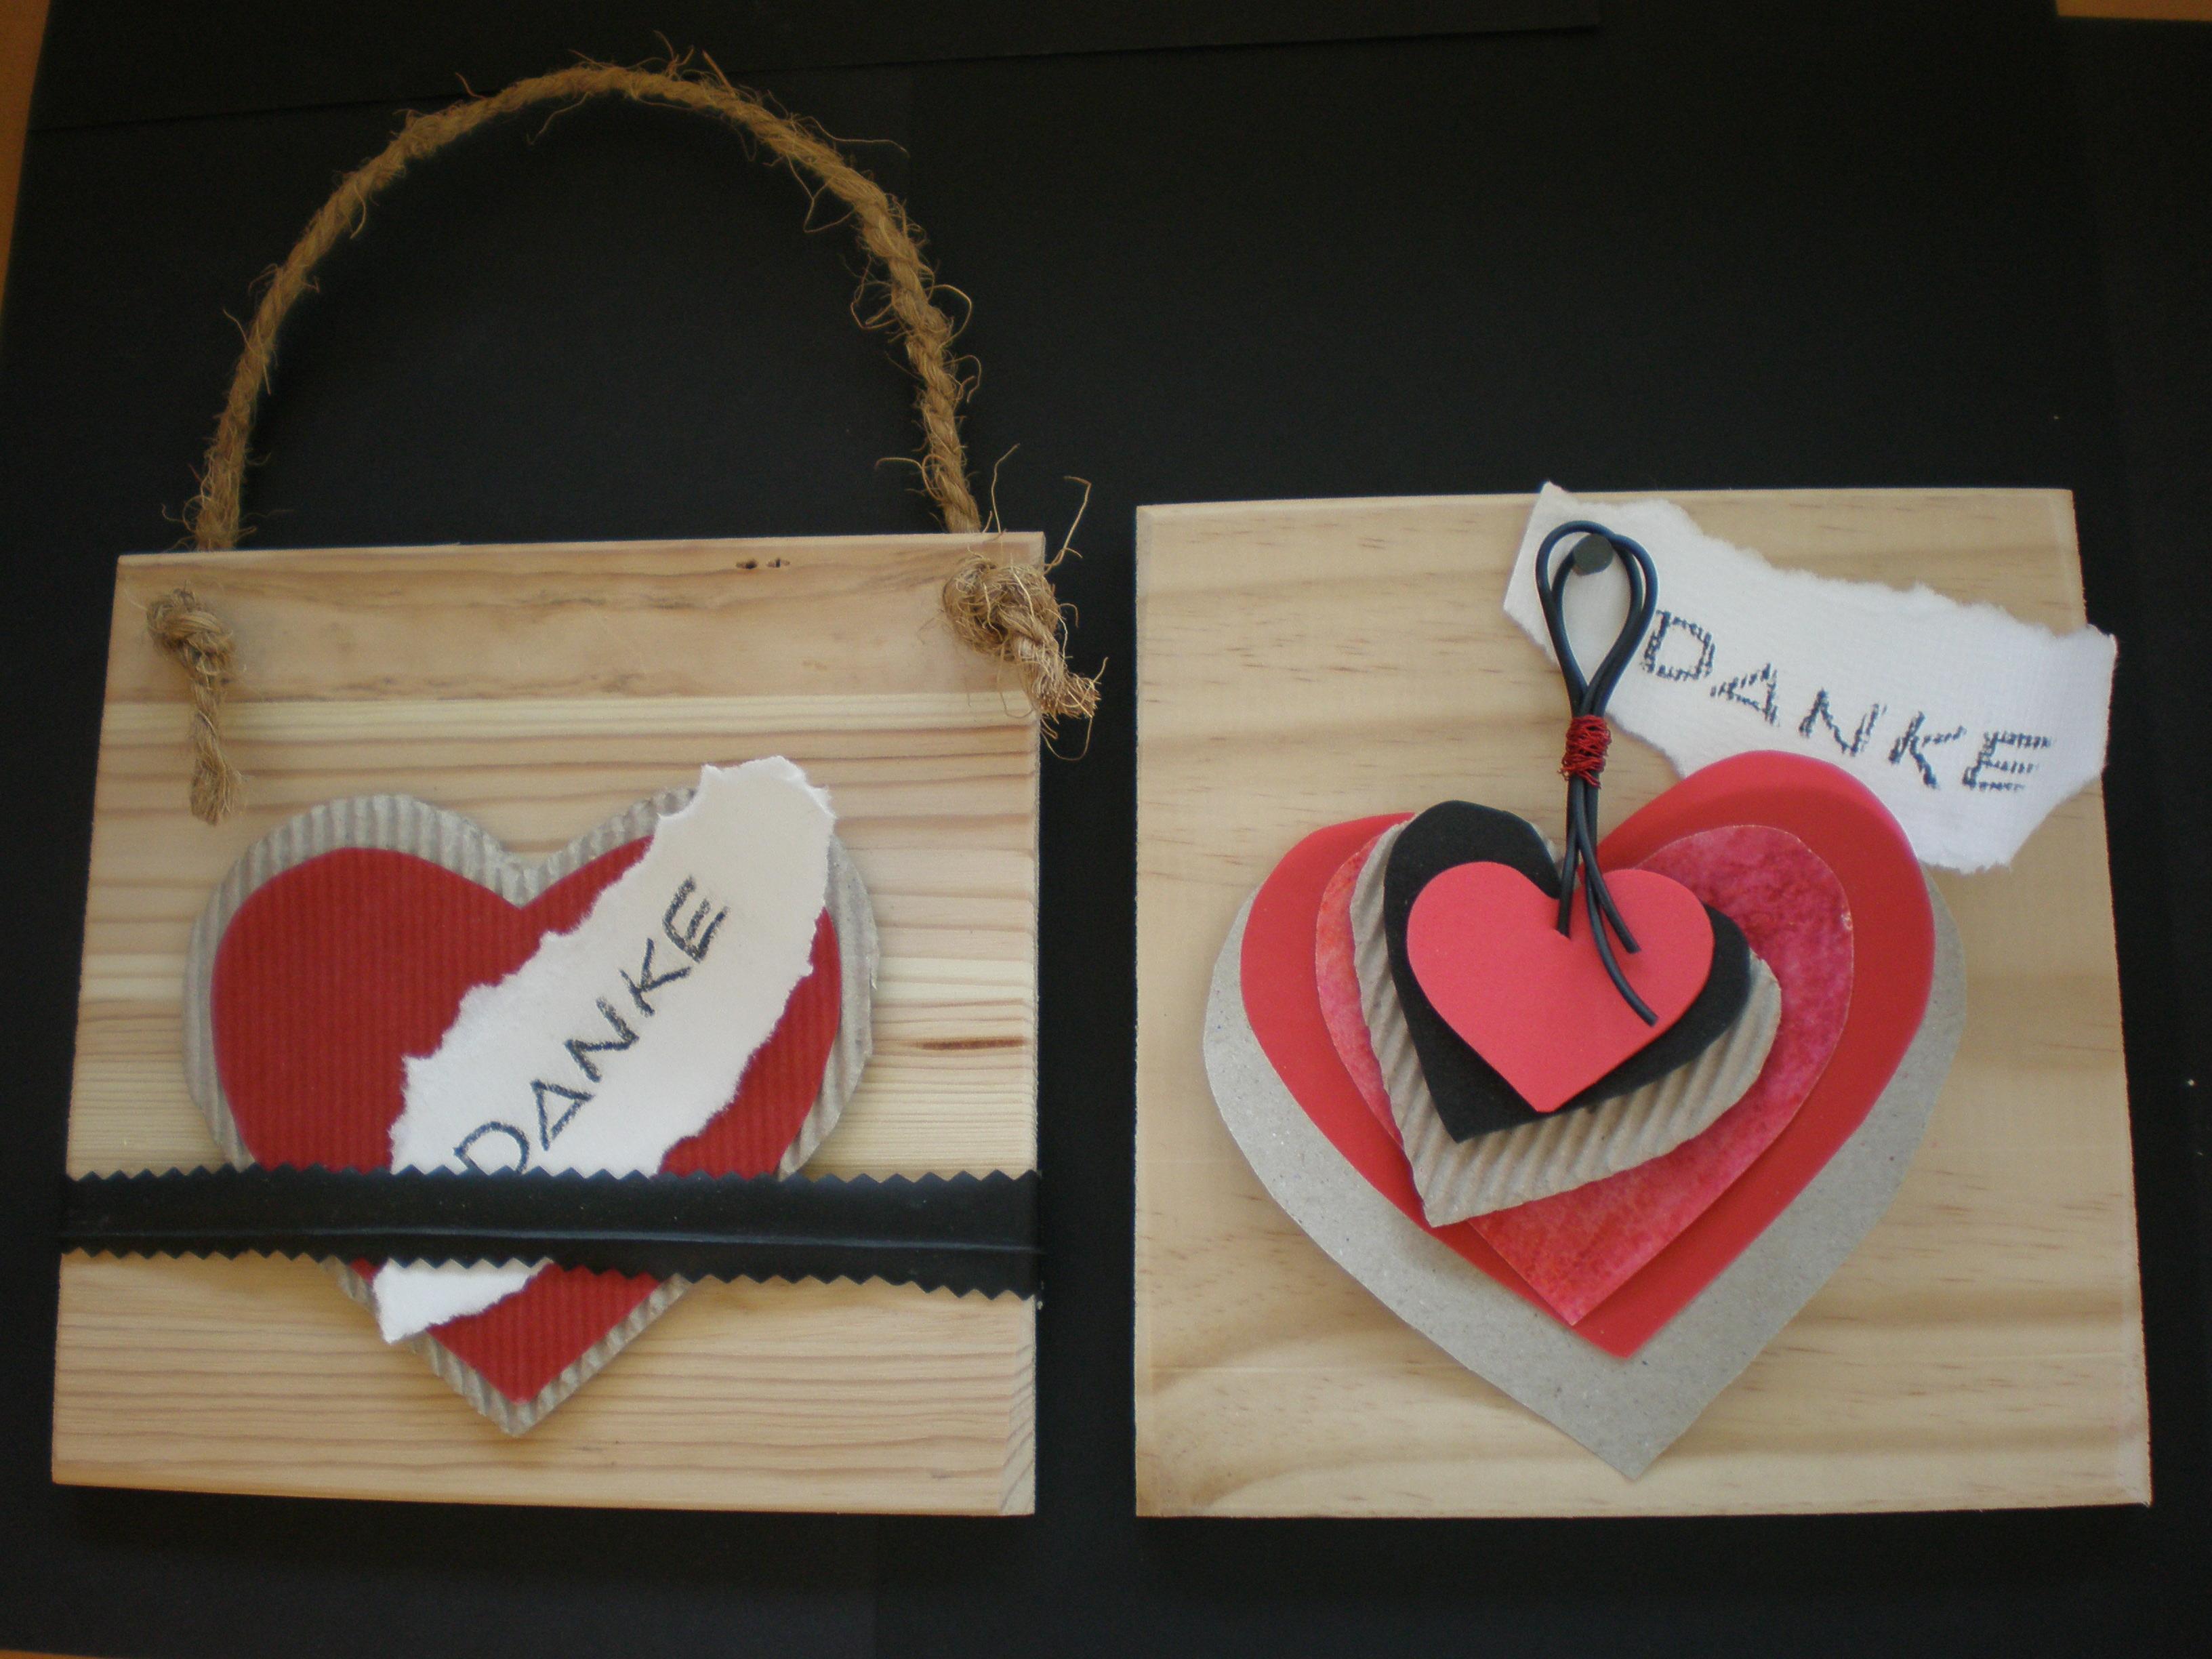 Atelier für Gestaltung, arbeiten mit Holz